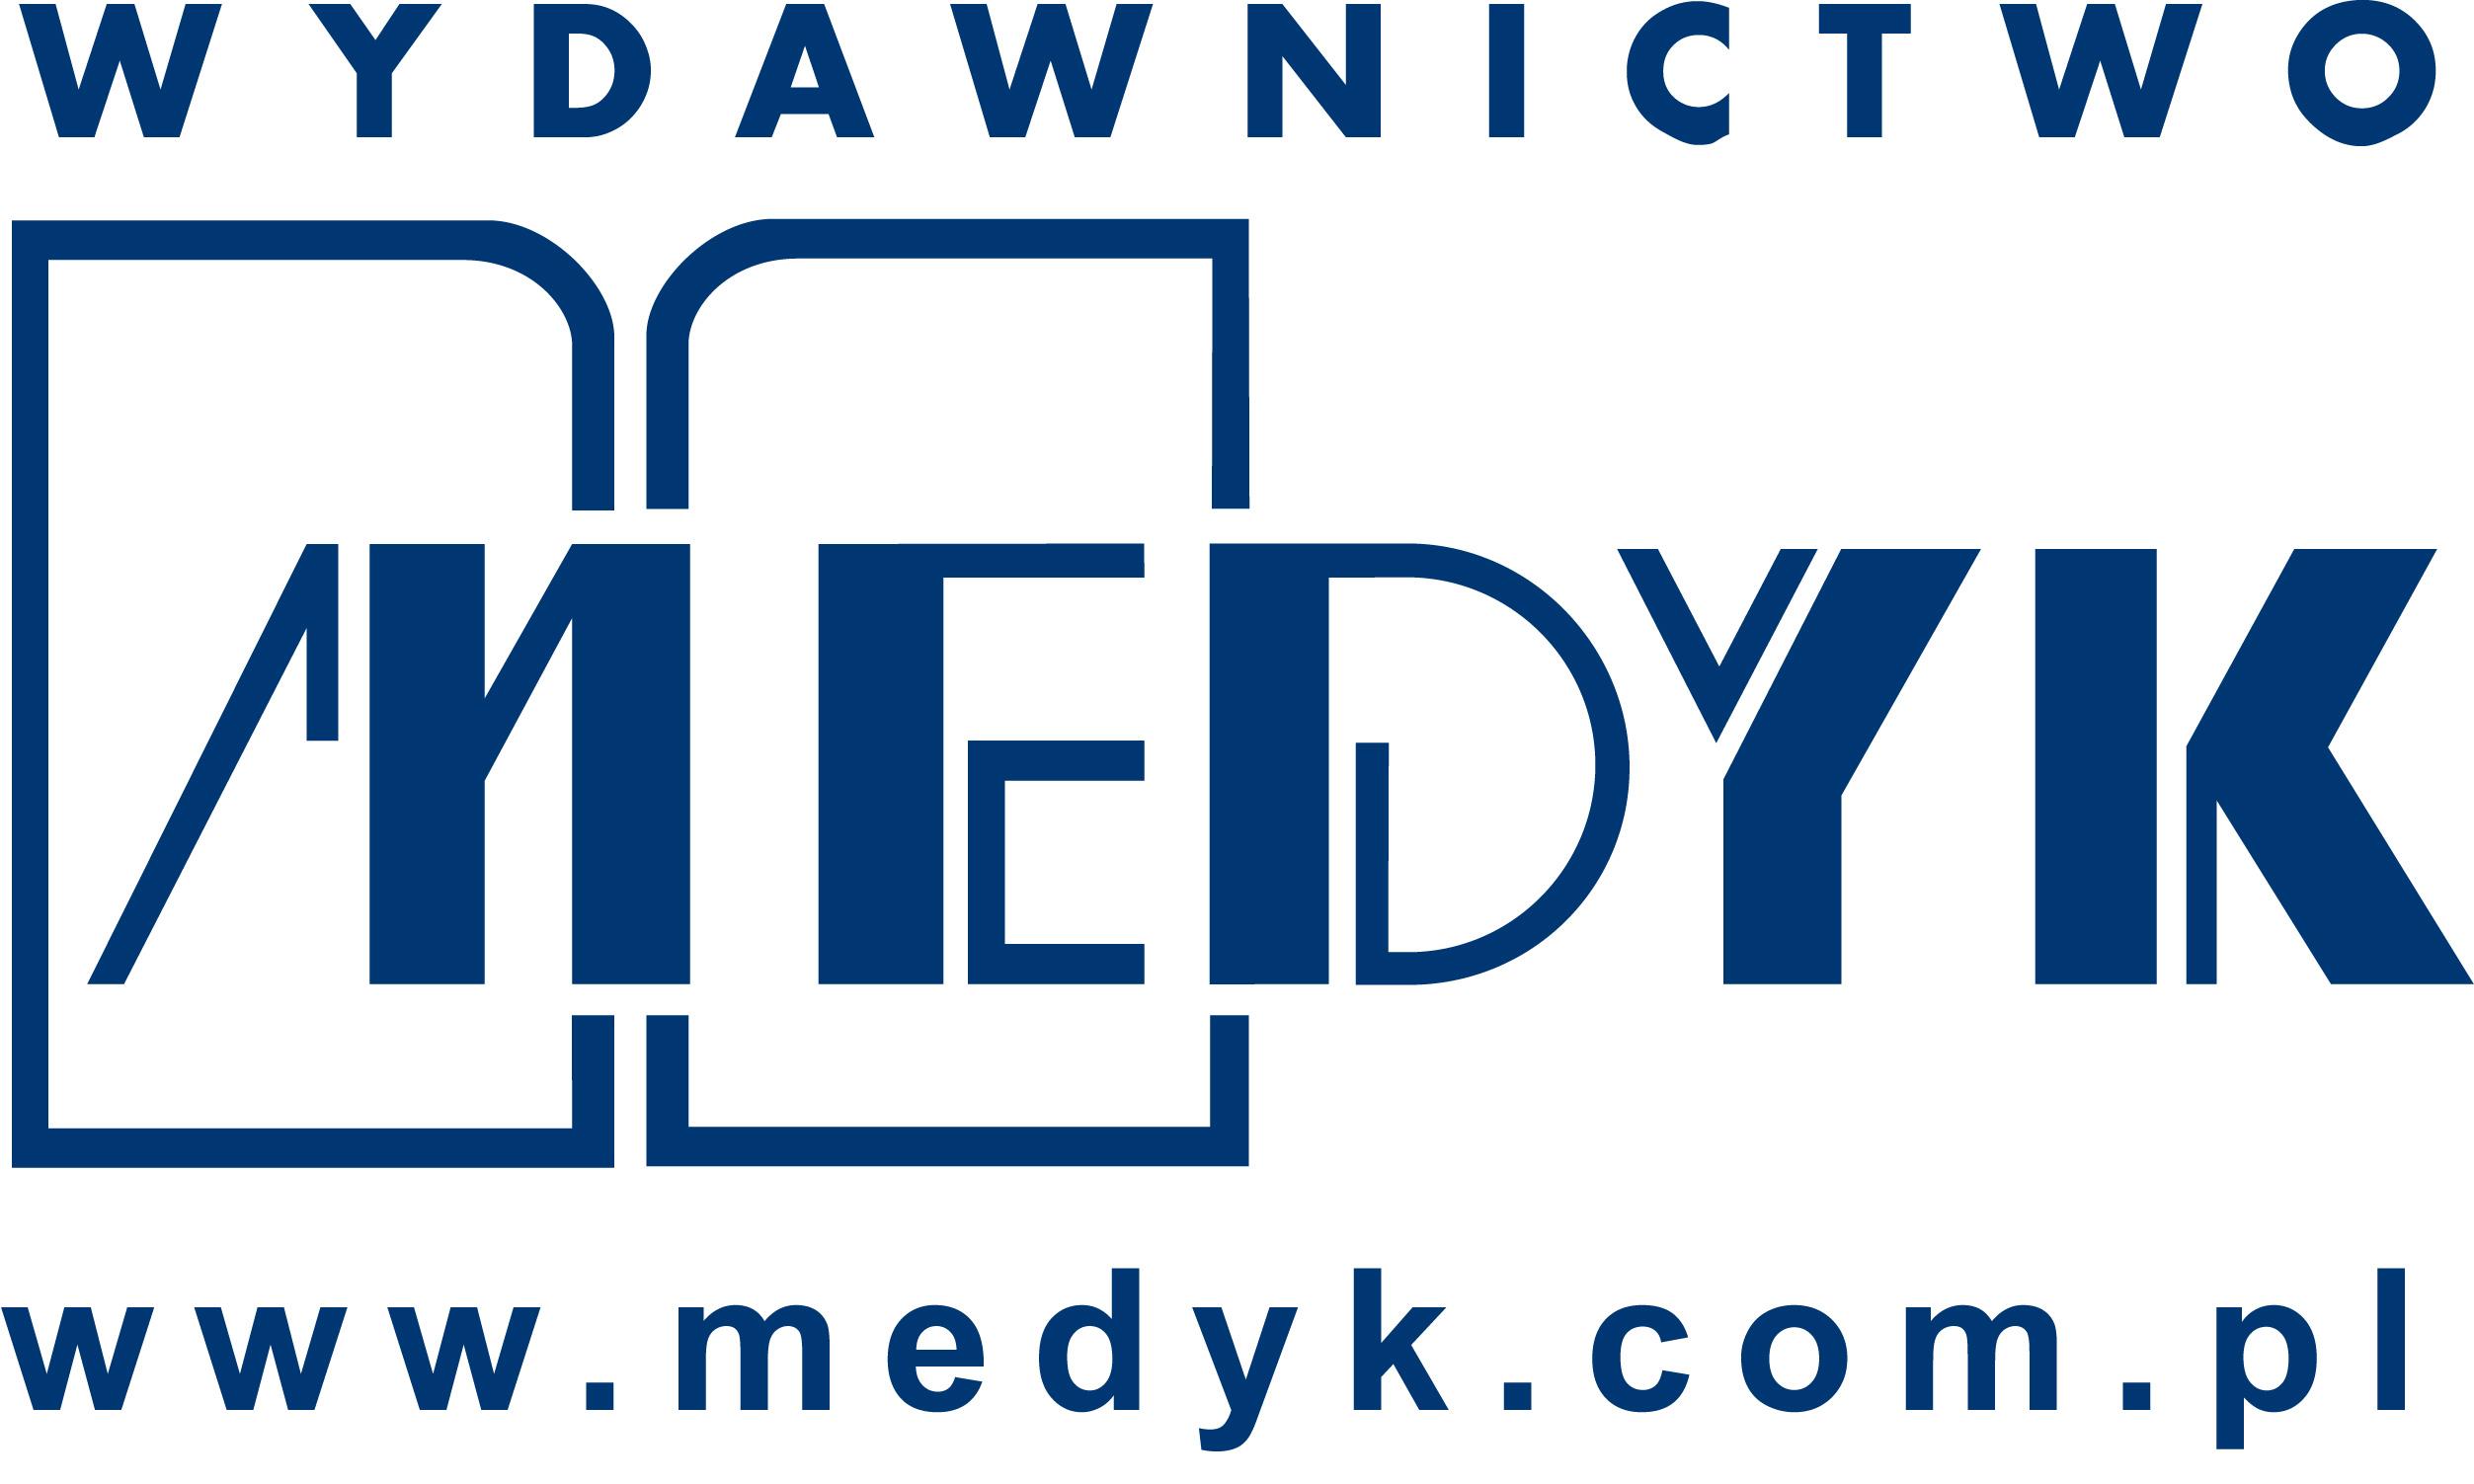 Medyk_wydawnictwo